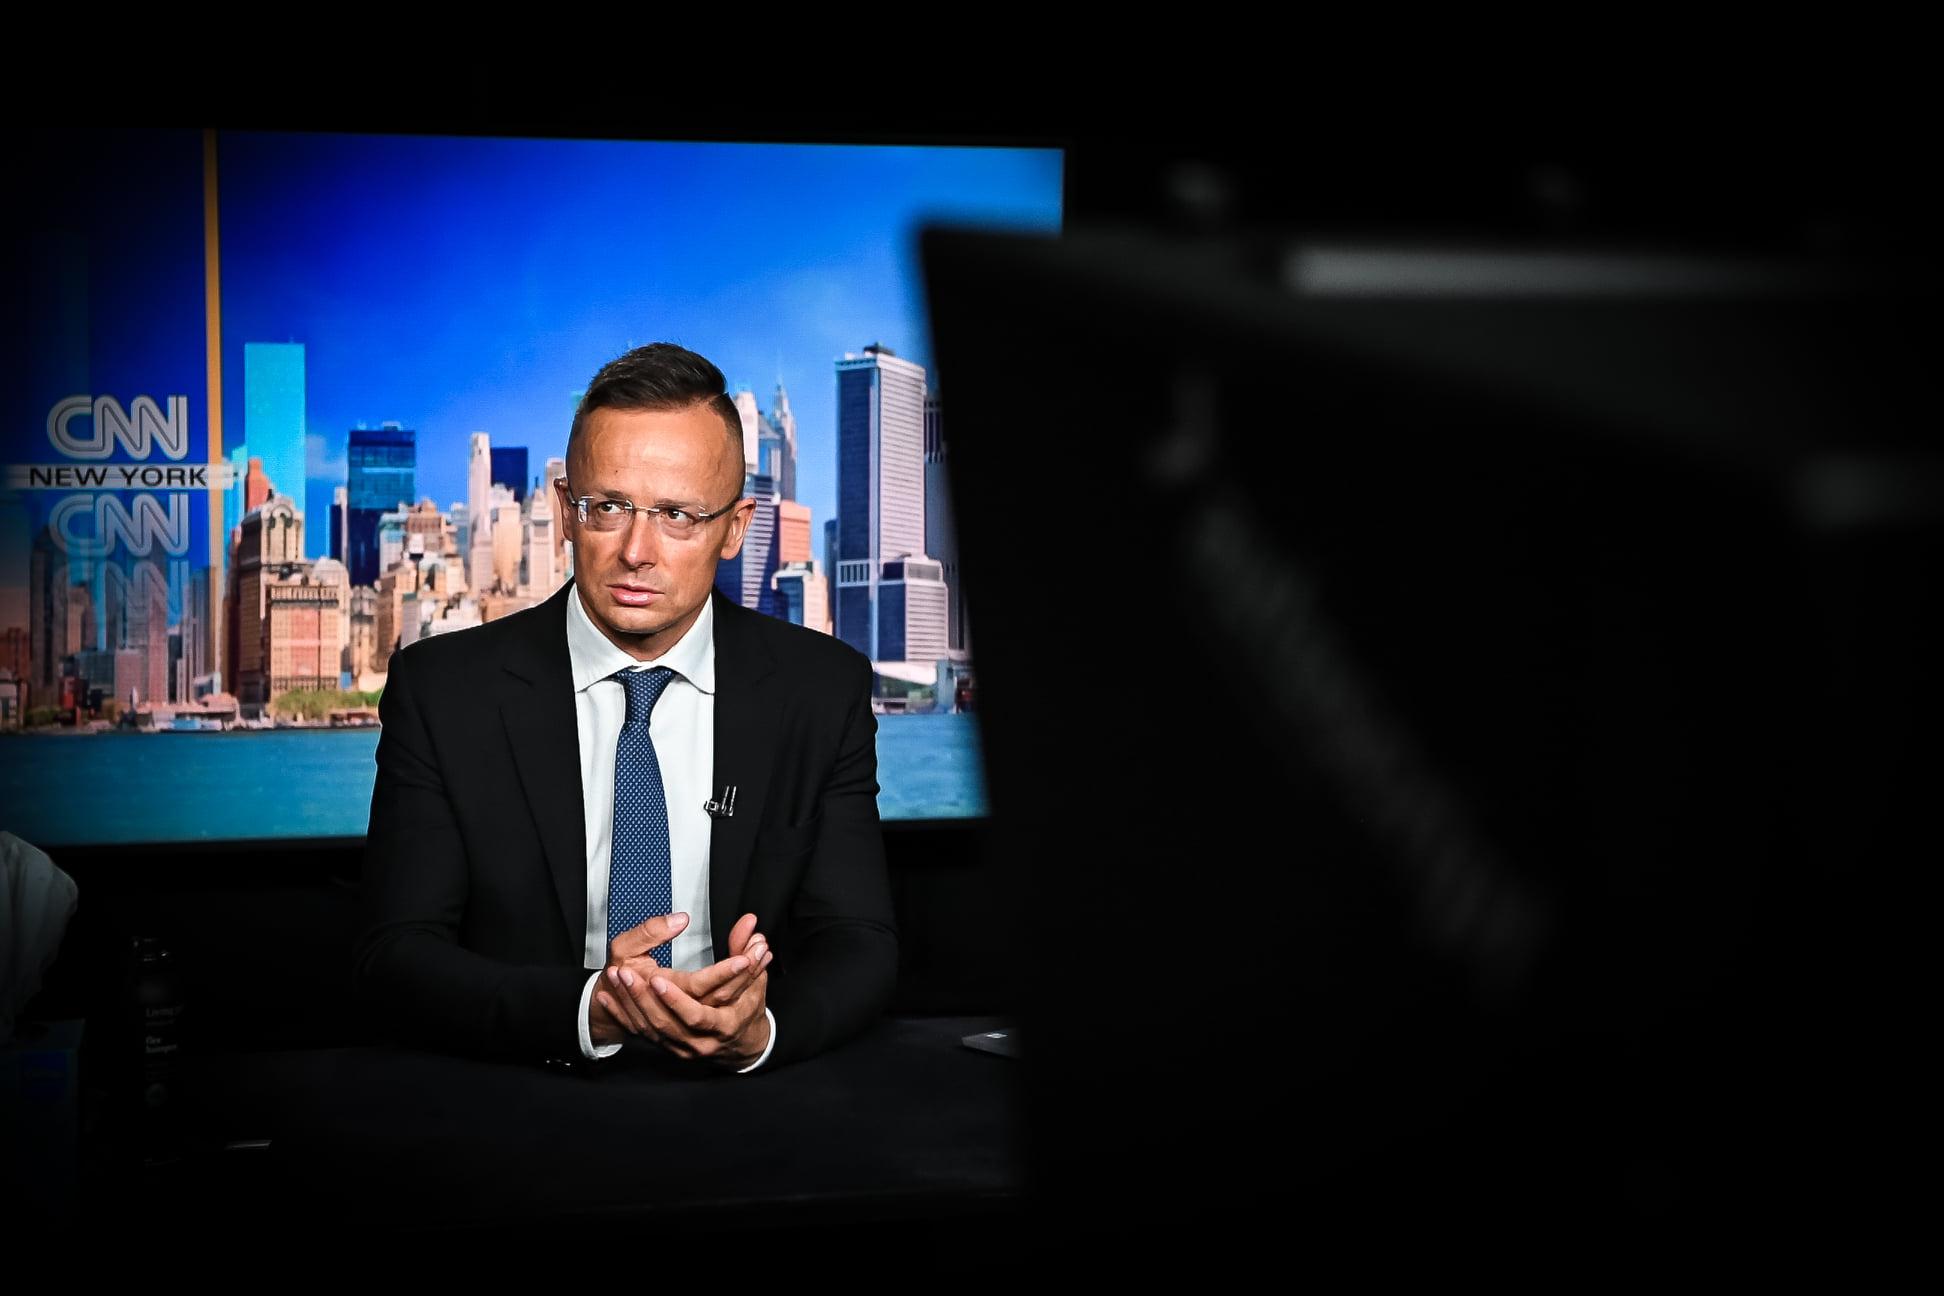 Hungary USA Szijjártó CNN